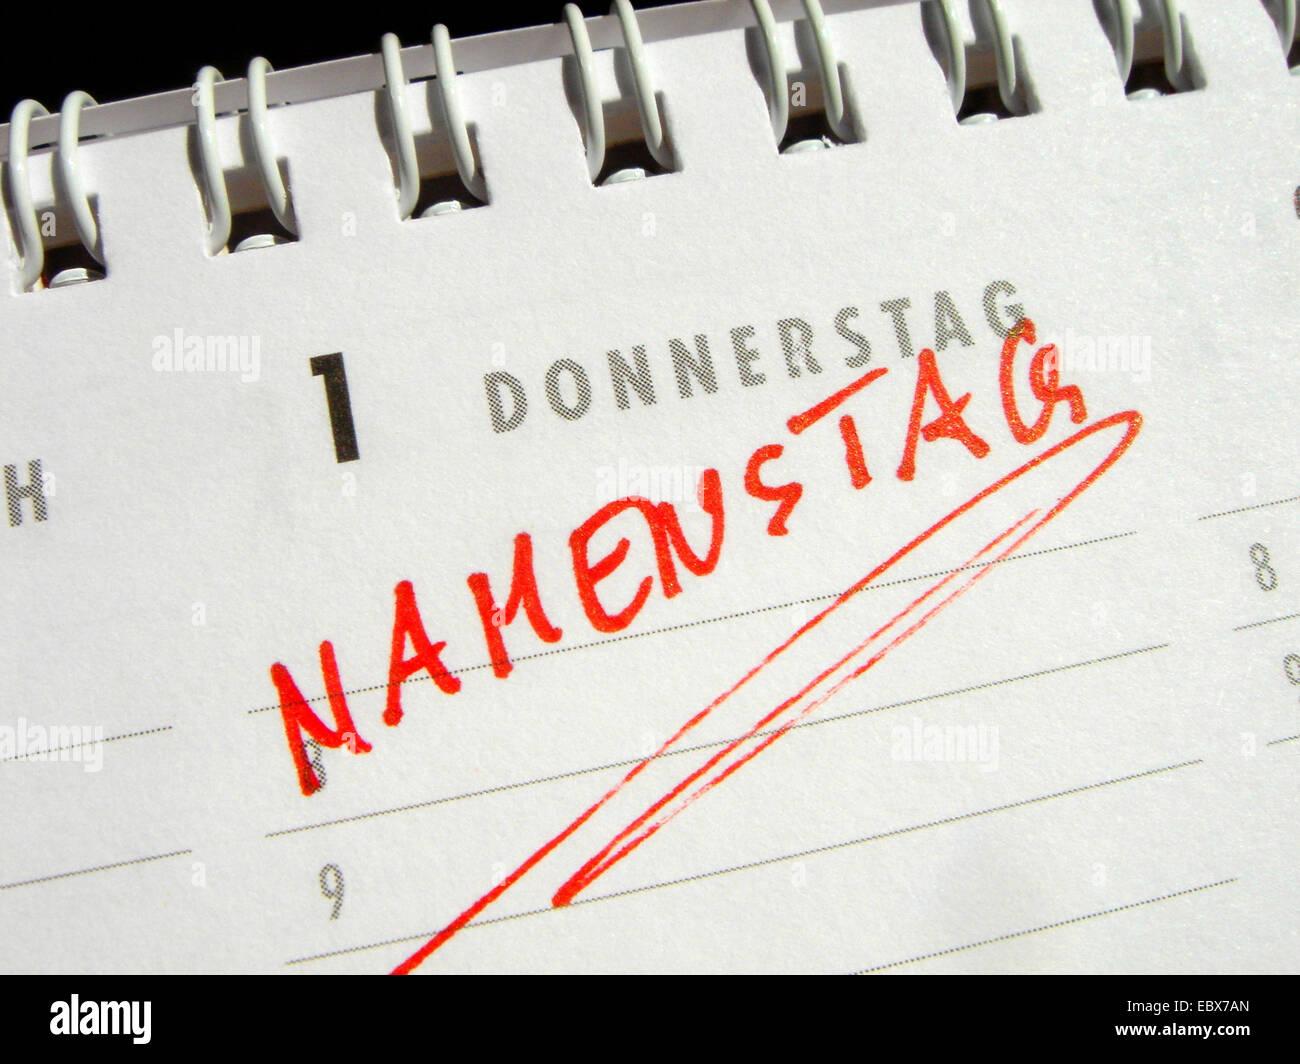 Name day - calendar entry - Stock Image